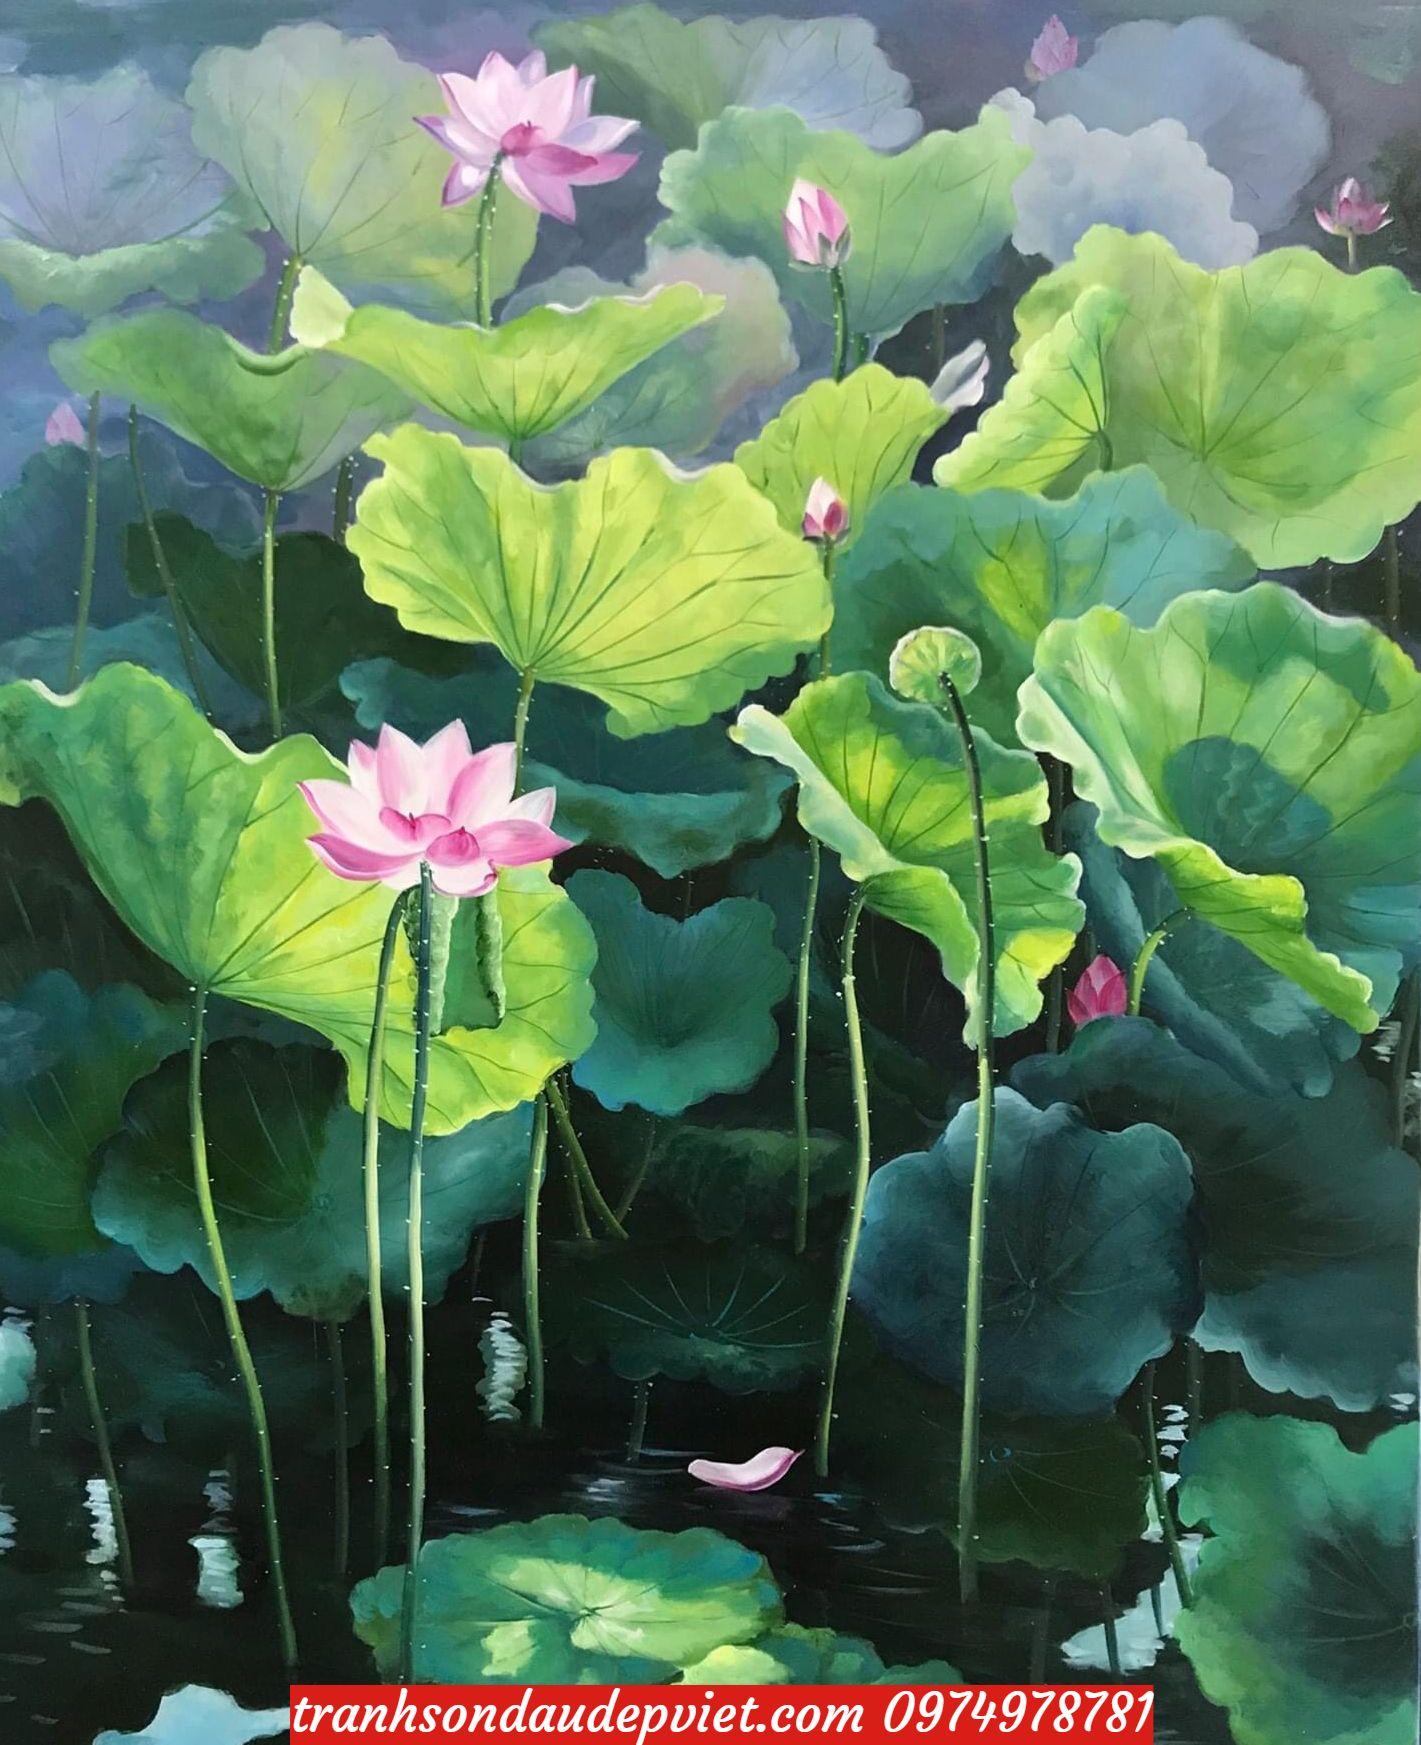 Tranh hoa sen, tranh sơn dầu hoa sen SB168